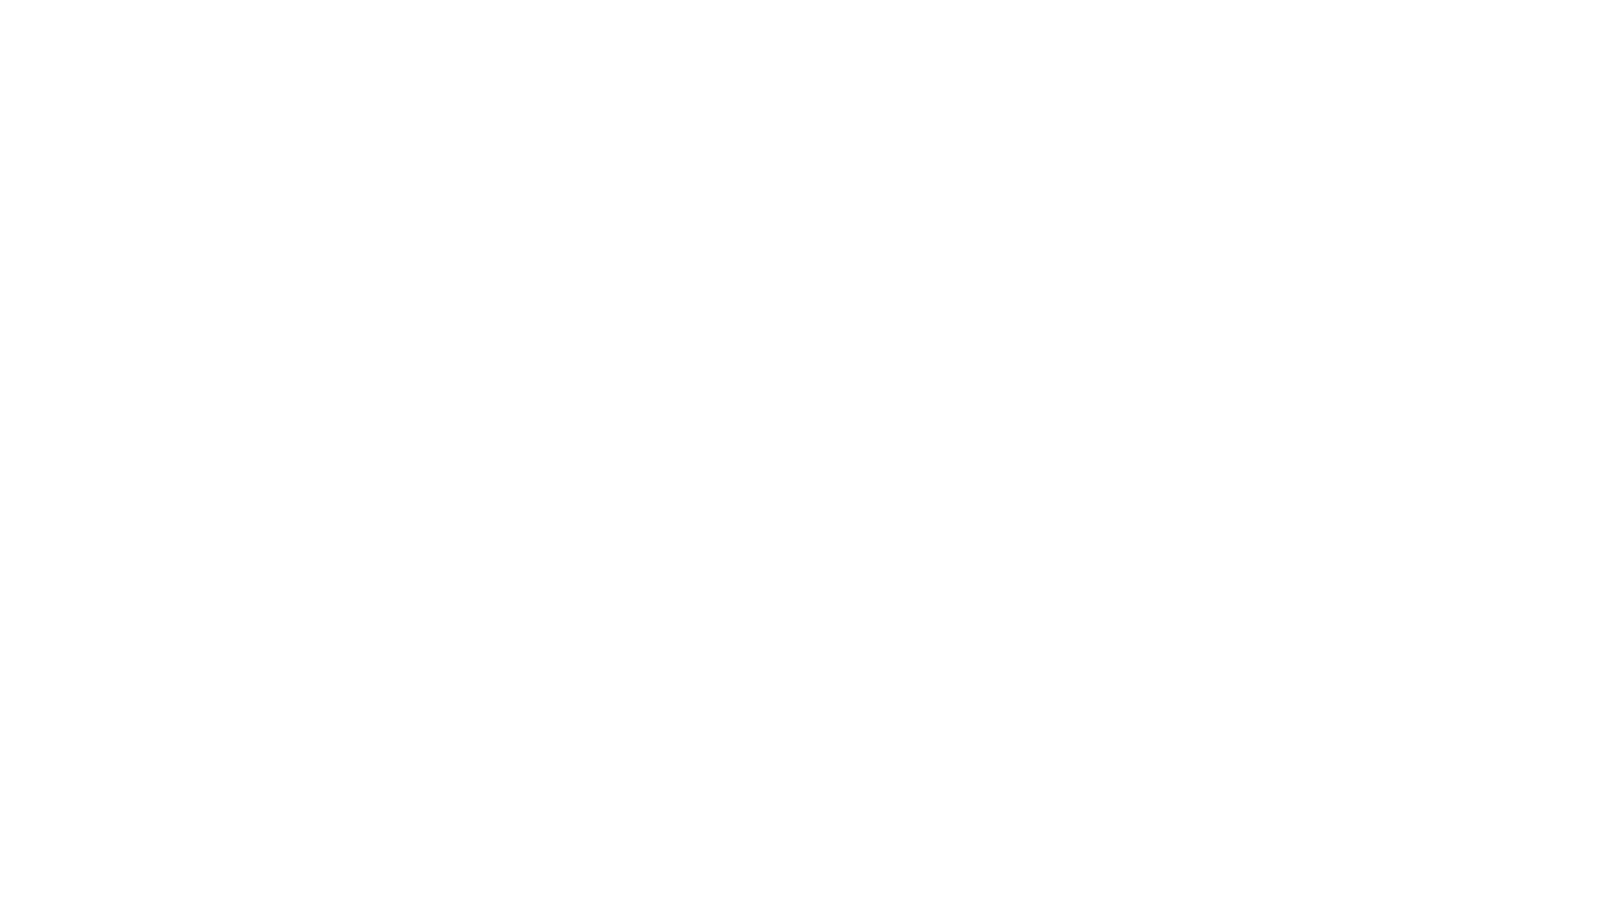 Video resumen de la participación de la empresa constructora Gesteco en la 1ª Feria de la construcción de Cádiz (Expoconstruye). En la misma, pudimos compartir momentos con nuestros clientes y profesionales de la empresa, a la vez que mantener un espacio de interlocución con las diferentes personalidades públicas que pasaron por nuestro stand. Un bueno resumen de los mejores e inolvidables momentos que hemos pasado en la 1ª participación de nuestra constructora en la feria.